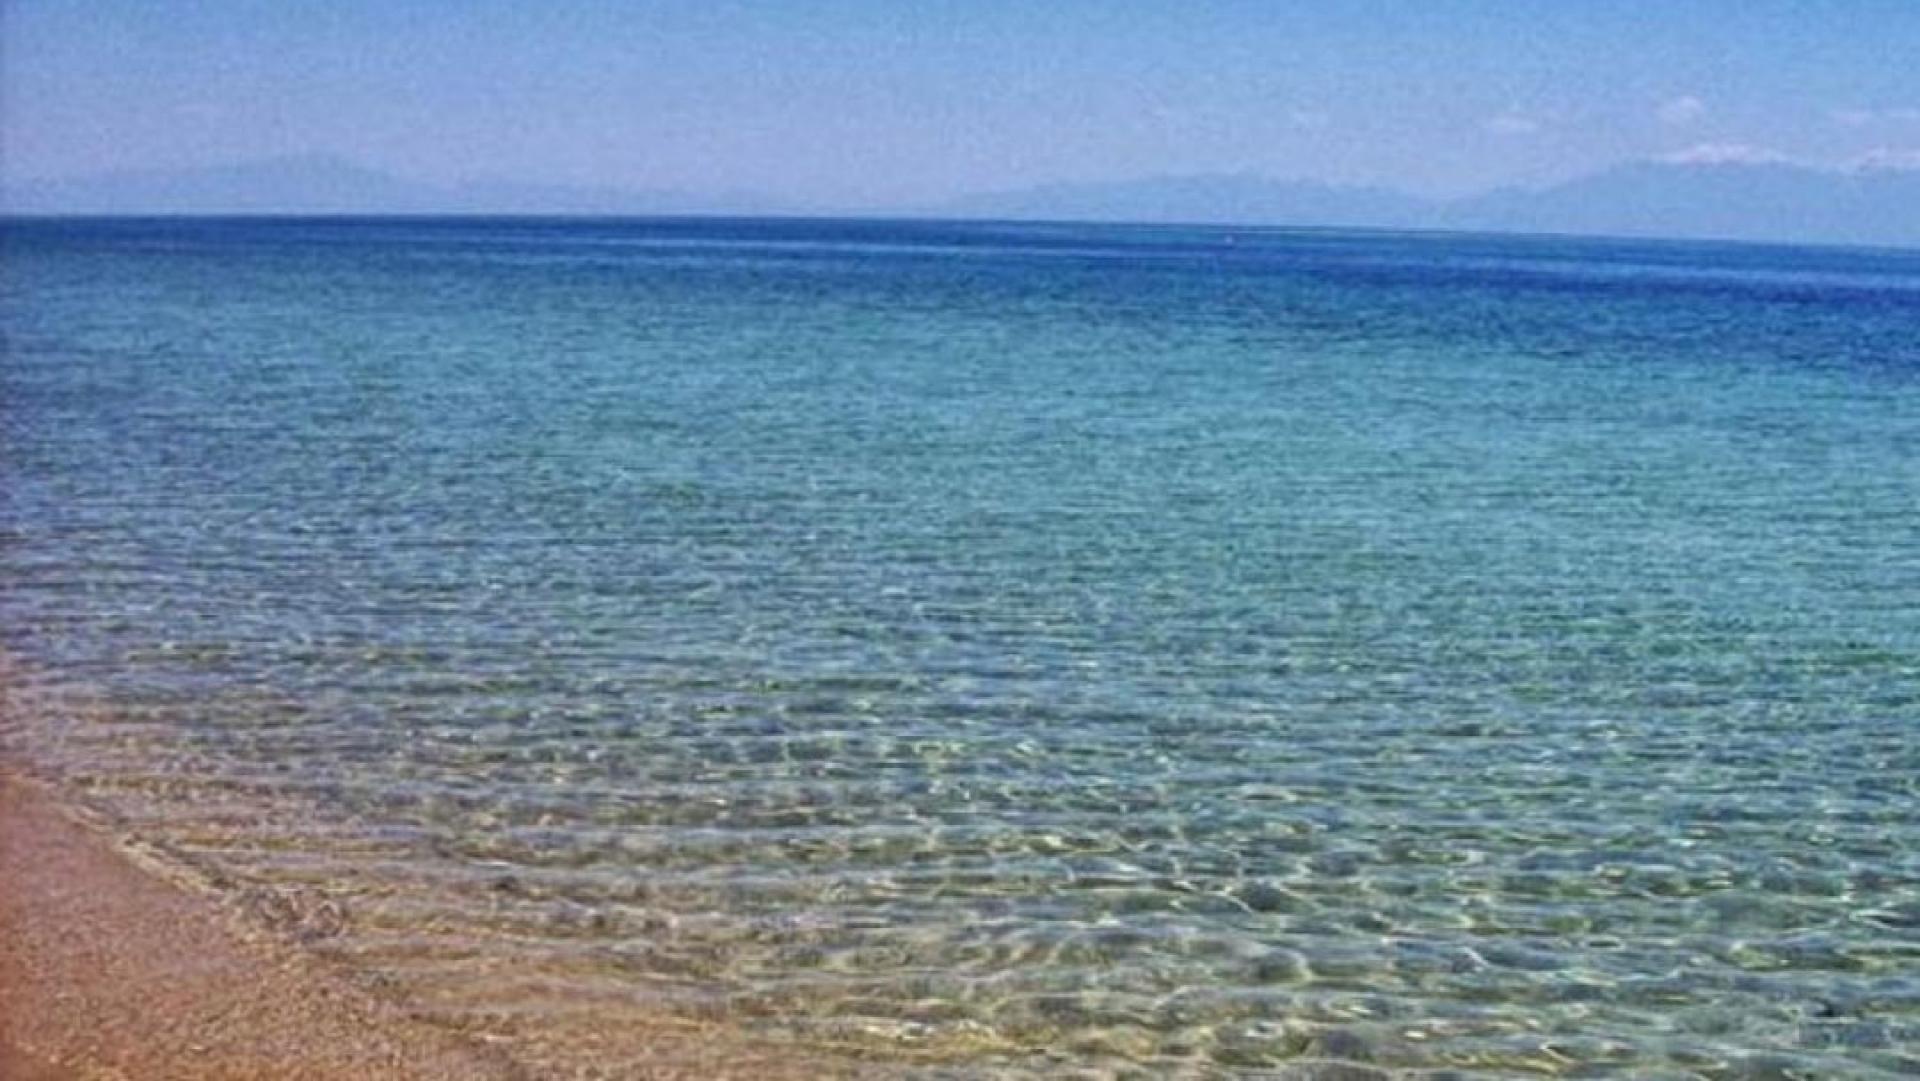 Οι χώρες με τα πιο καθαρά νερά – Πού βρίσκεται η Ελλάδα